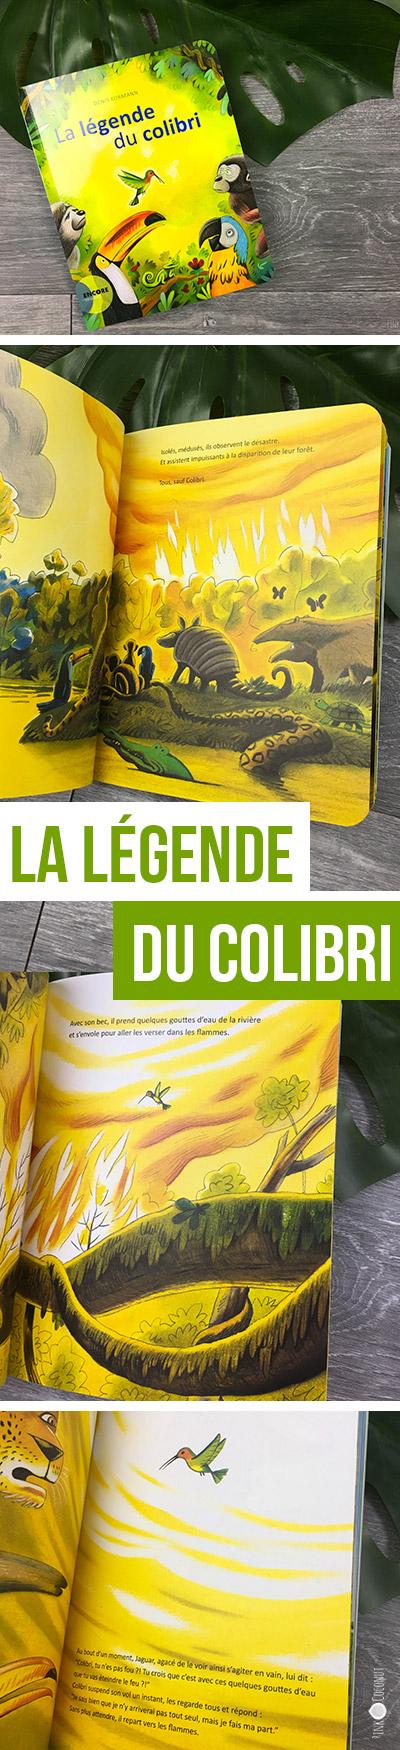 La légende du colibri, plus qu'un conte un vrai mouvement